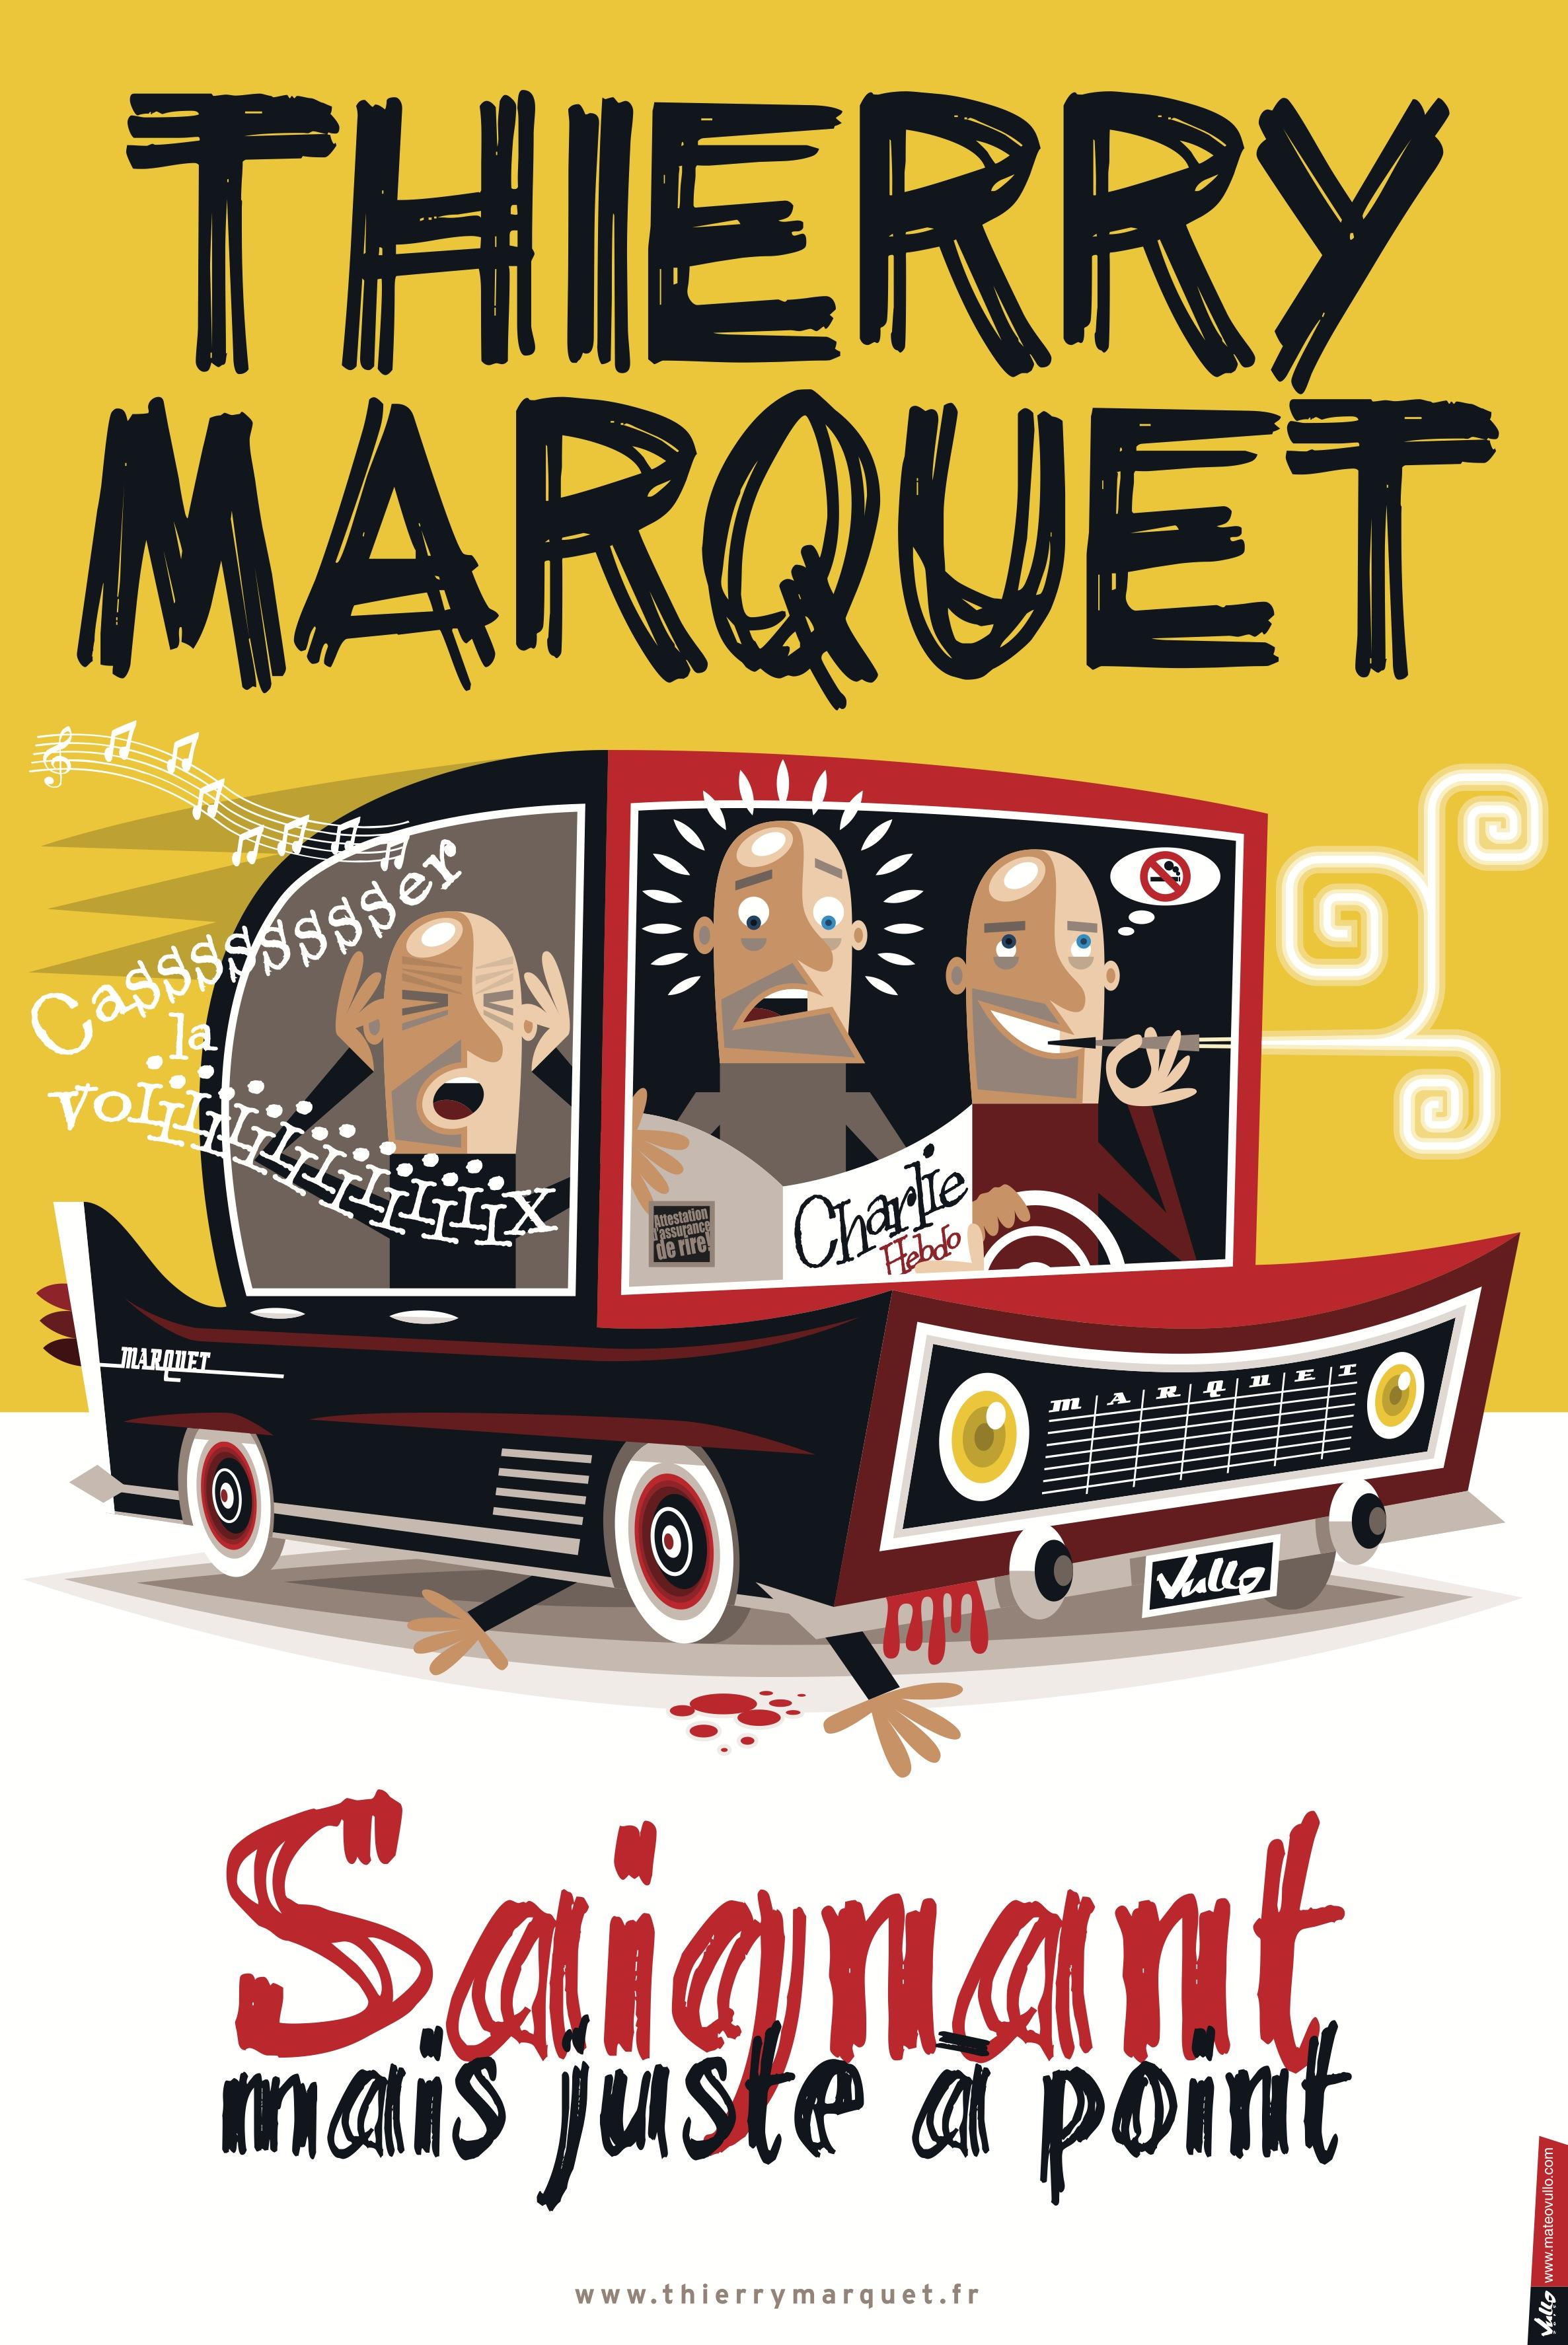 Thierry Marquet dans Saignant mais juste à point